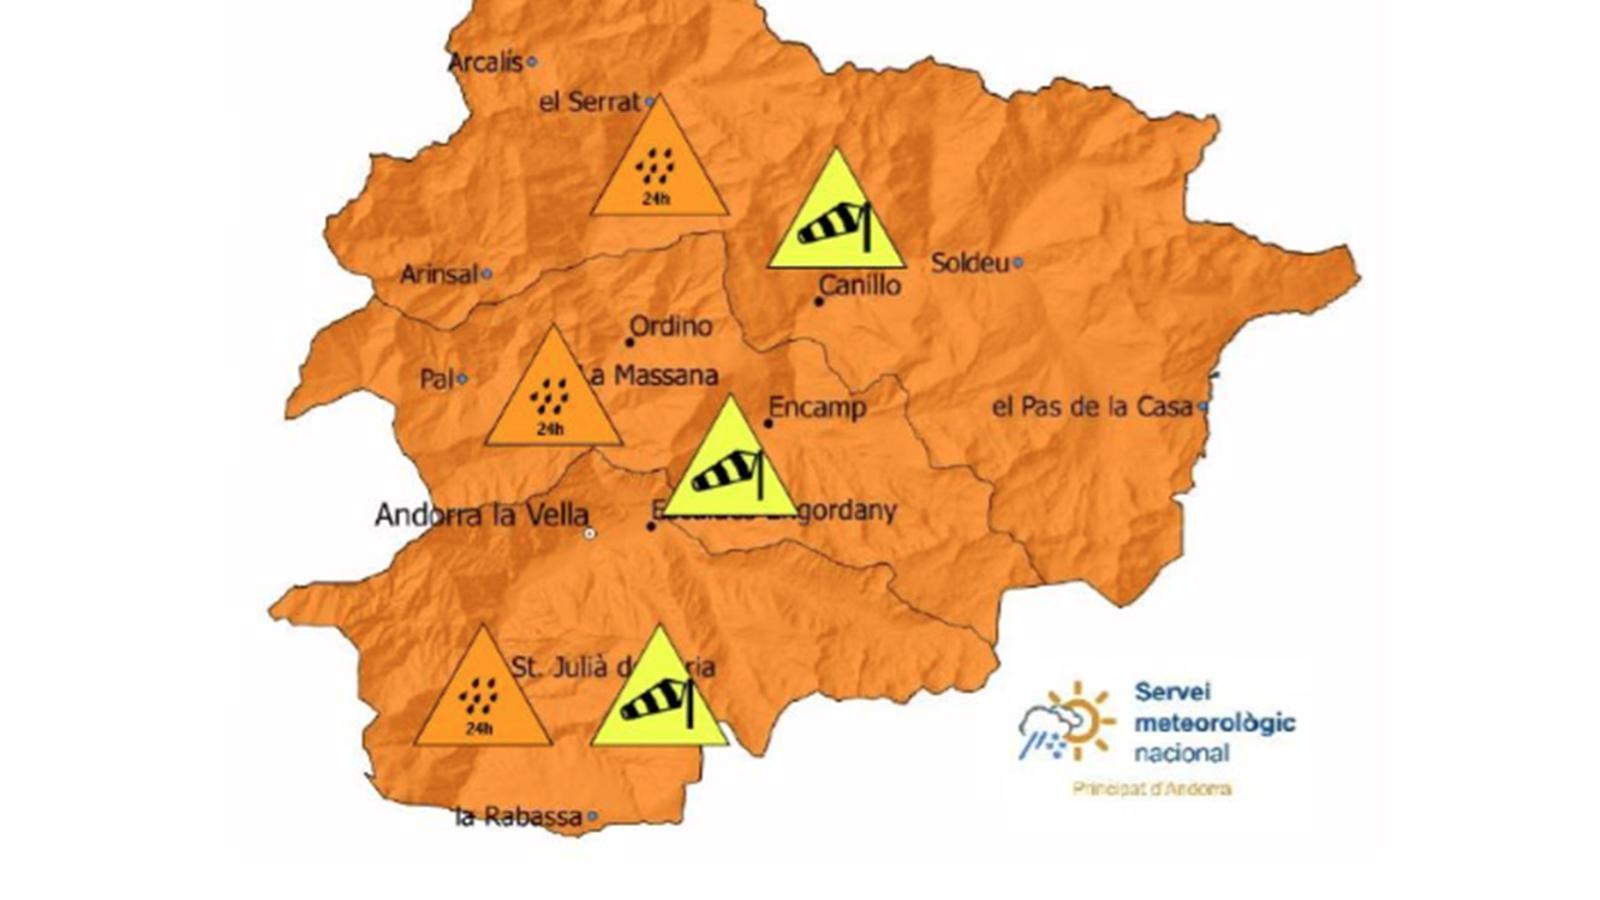 El mapa de les previsions meteorològiques. / SERVEI METEOROLÒGIC